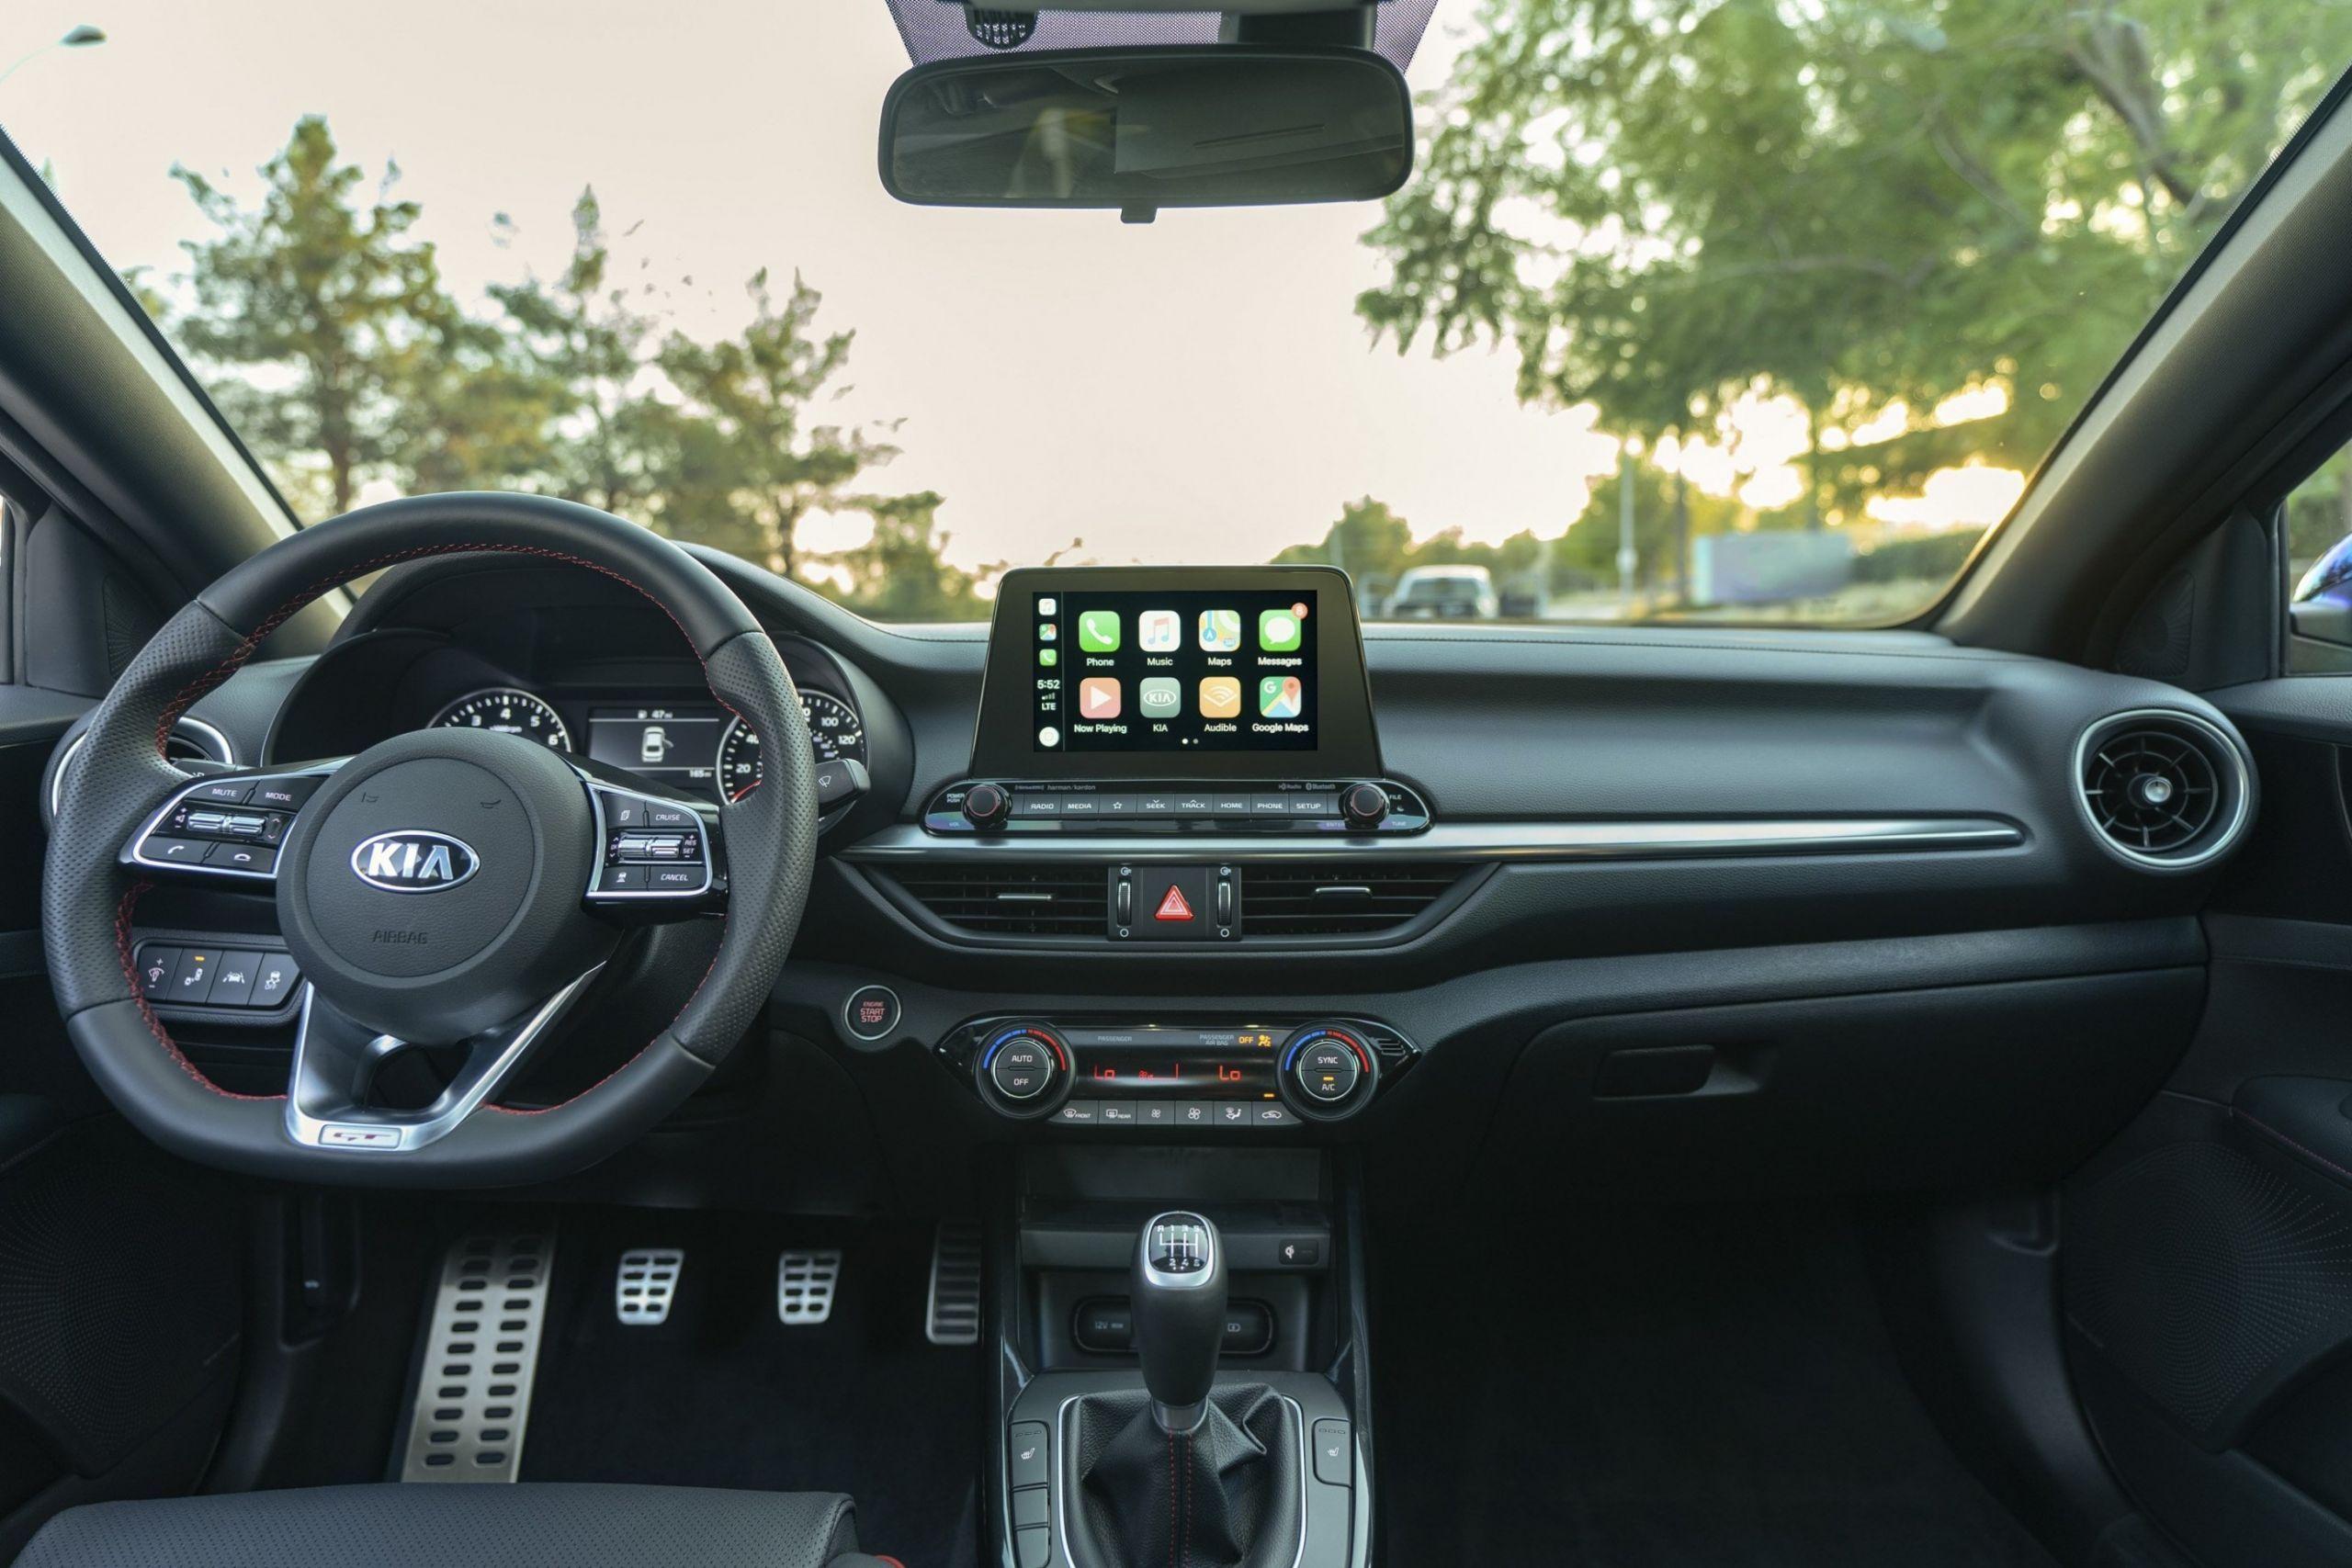 2020 Kia Forte Price And Review Kia Forte Kia Optima Kia Optima Interior